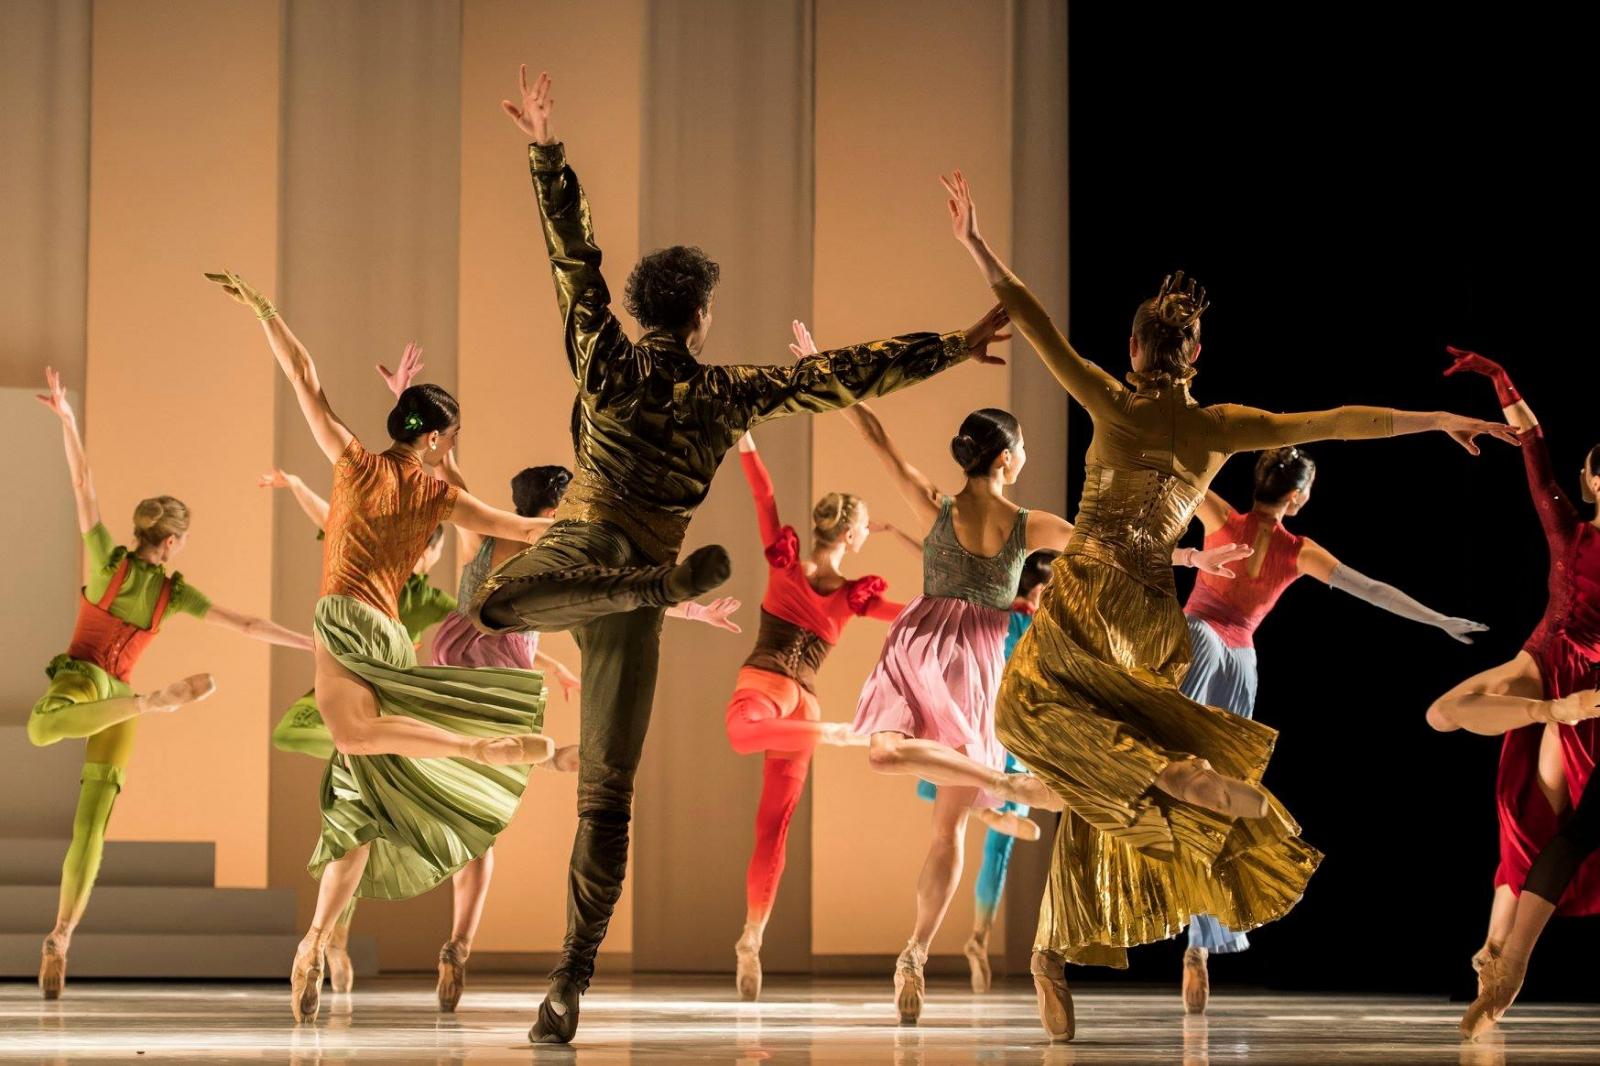 Lac Jean-Christophe Maillot Les Ballets de Monte-Carlo